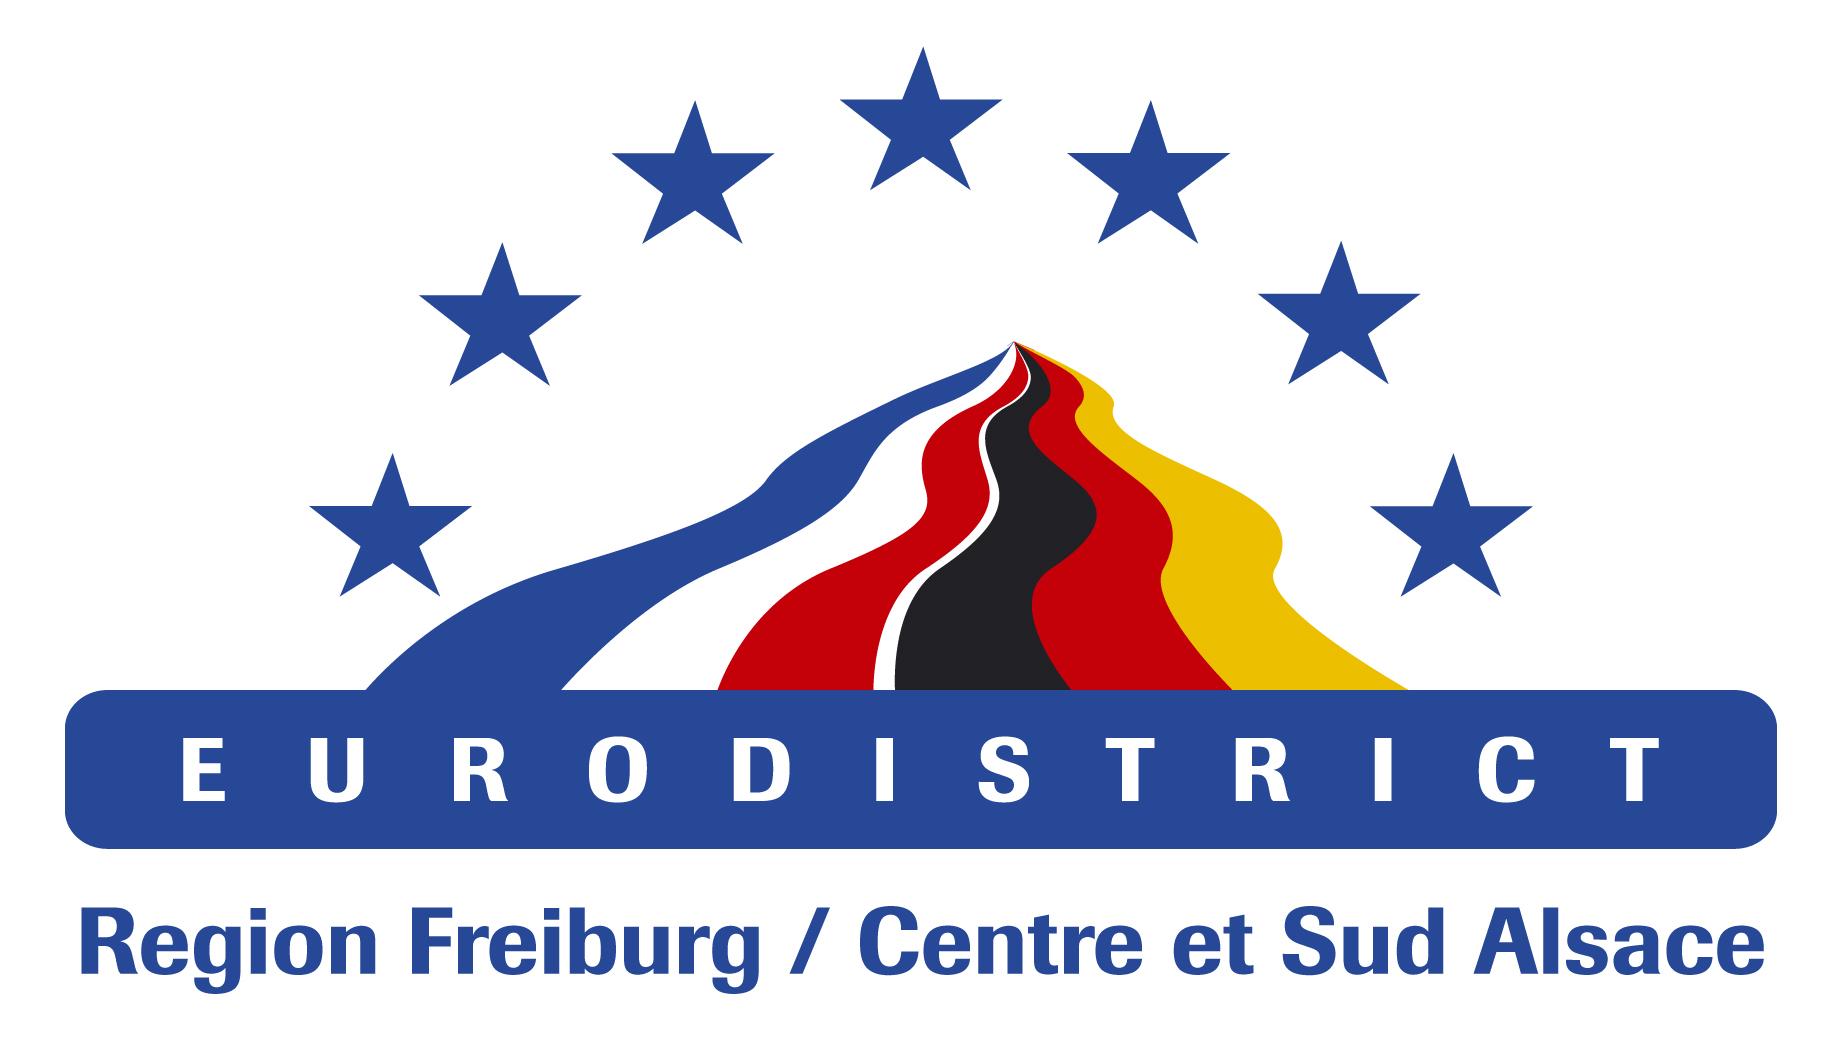 Eurodistrict Region Freiburg / Centre et Sud Alsace